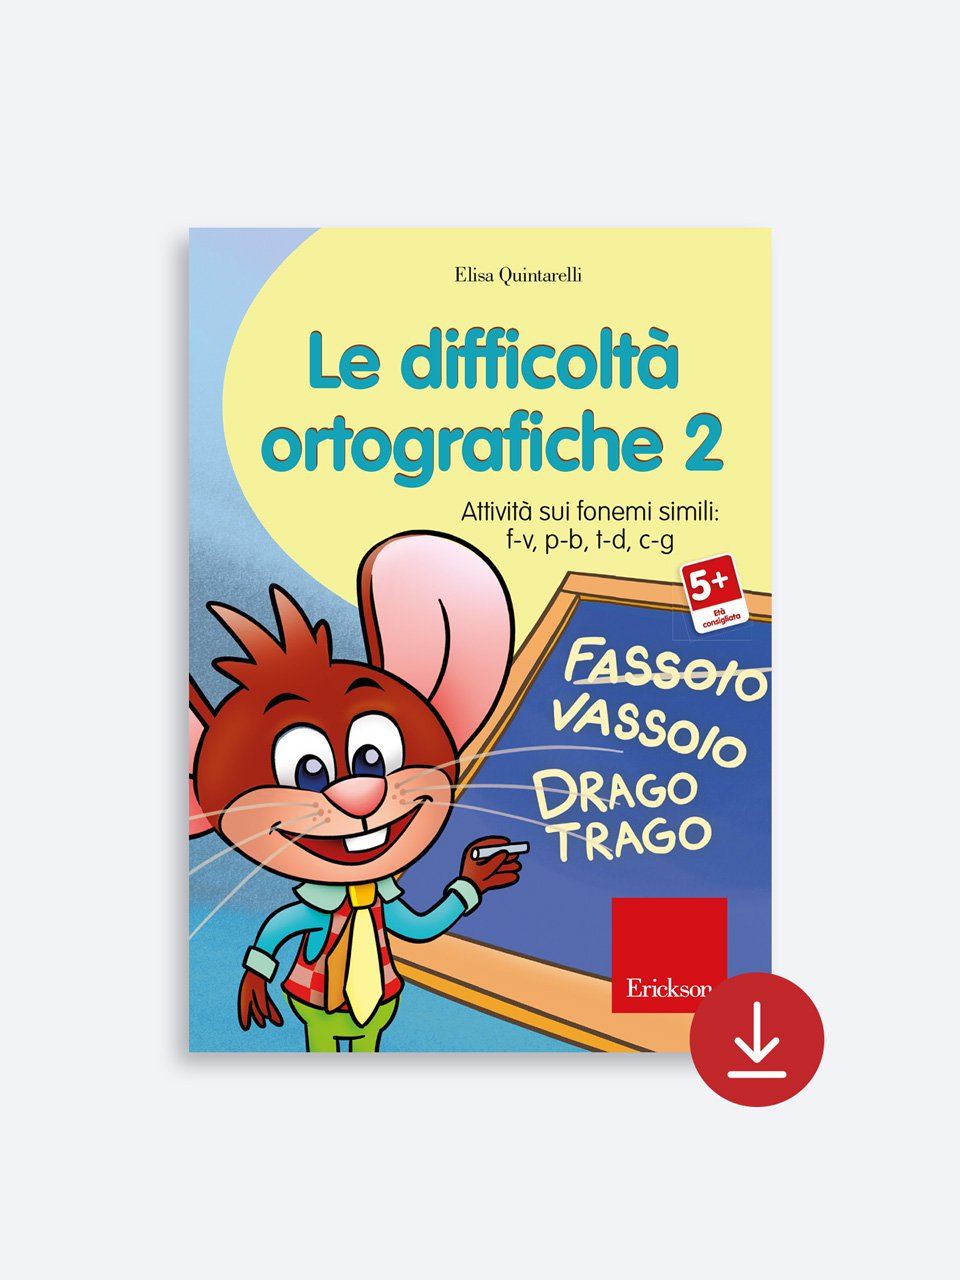 Le difficoltà ortografiche - Volume 2 - Schede per Tablotto (6-8 anni) - Grammatica incant - Giochi - Erickson